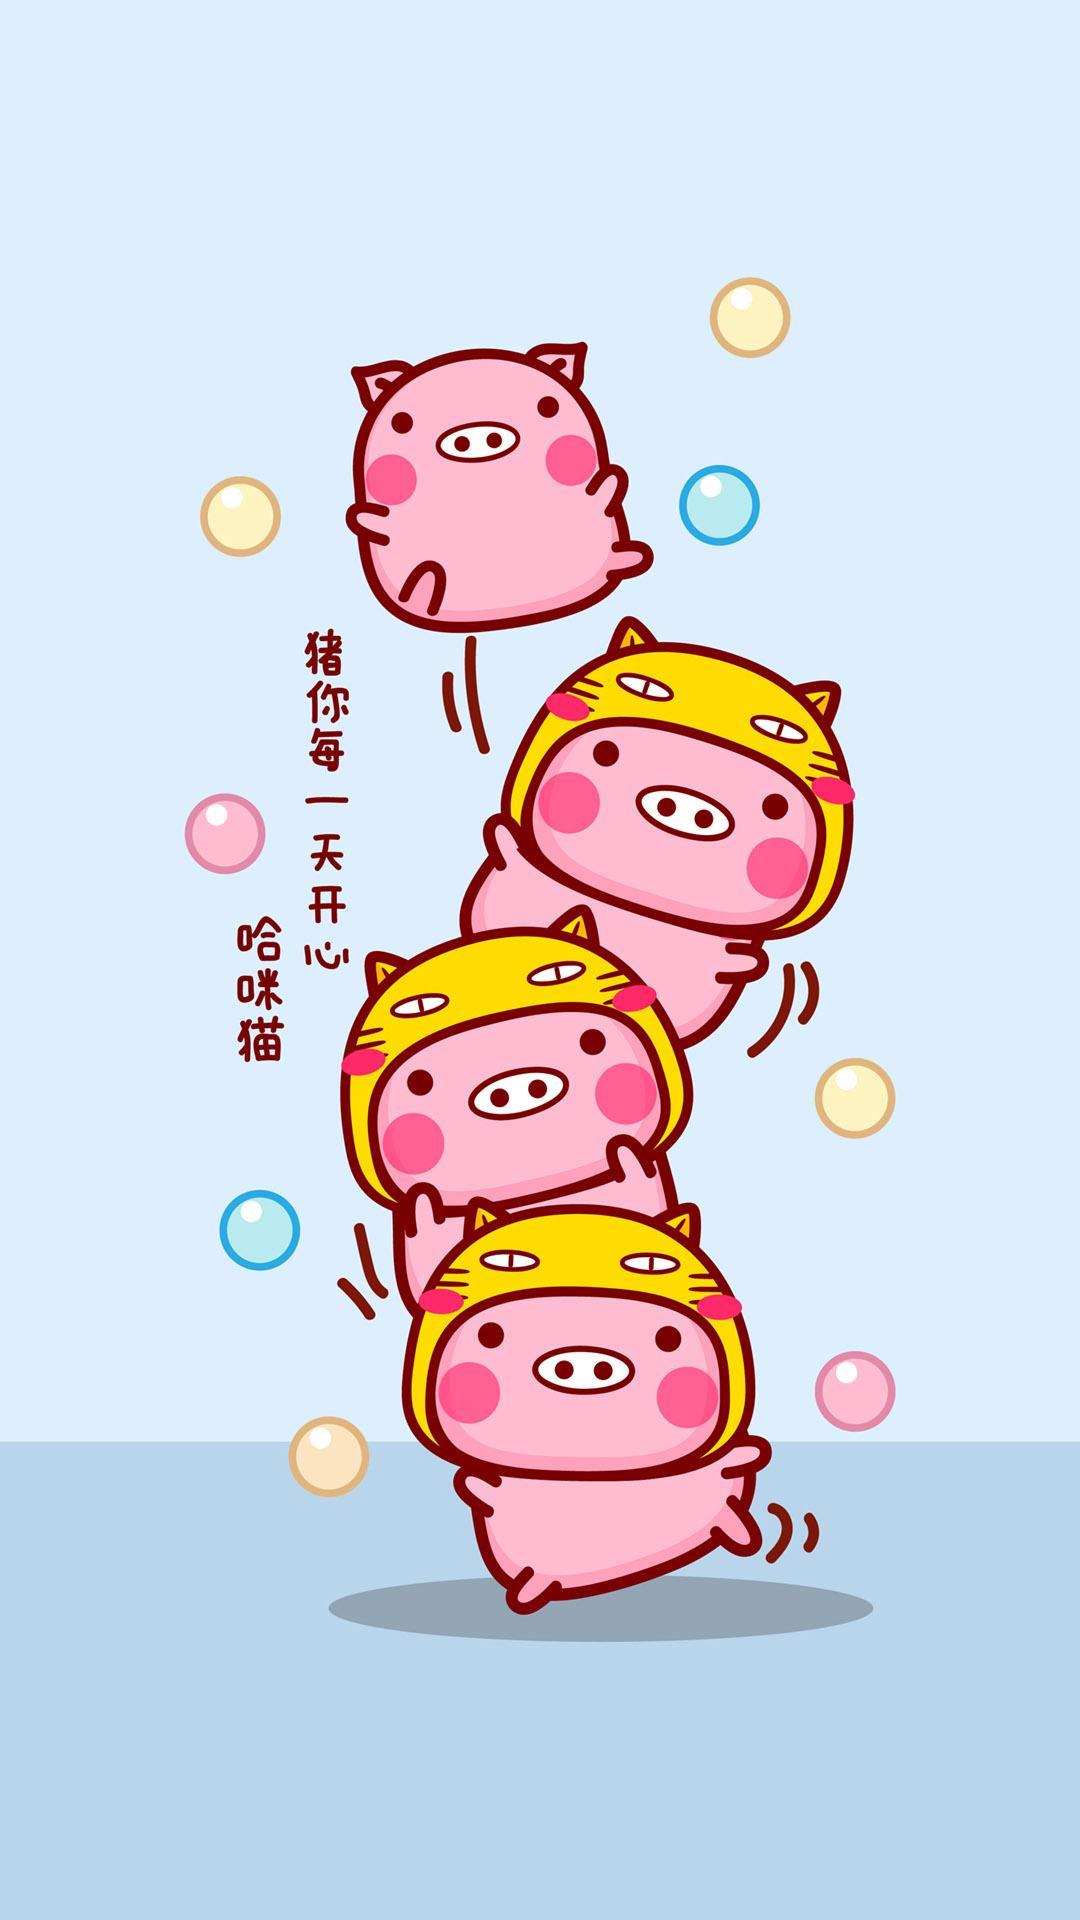 你是全世界最可爱的猪